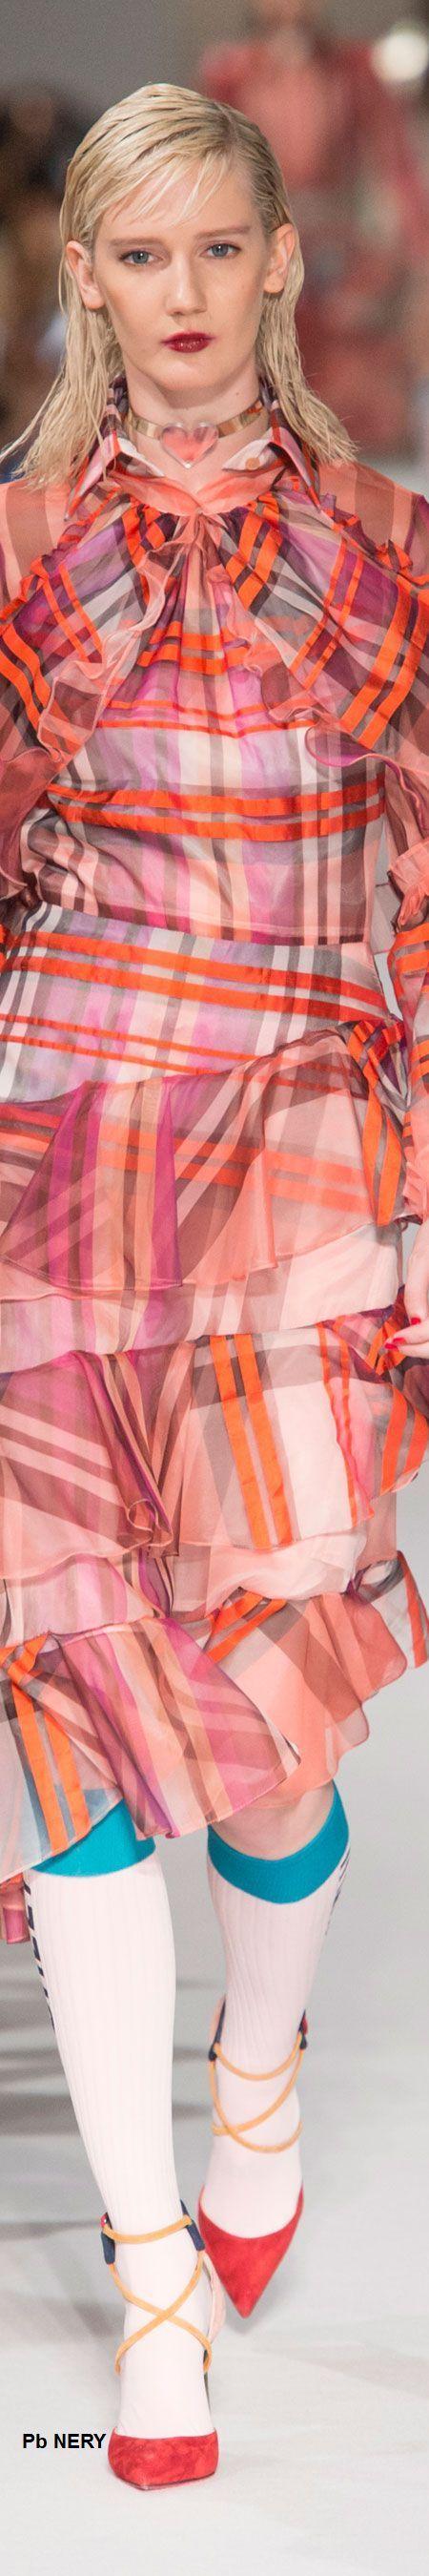 Mejores 78 imágenes de DAIZY SHELY en Pinterest | Moda de primavera ...